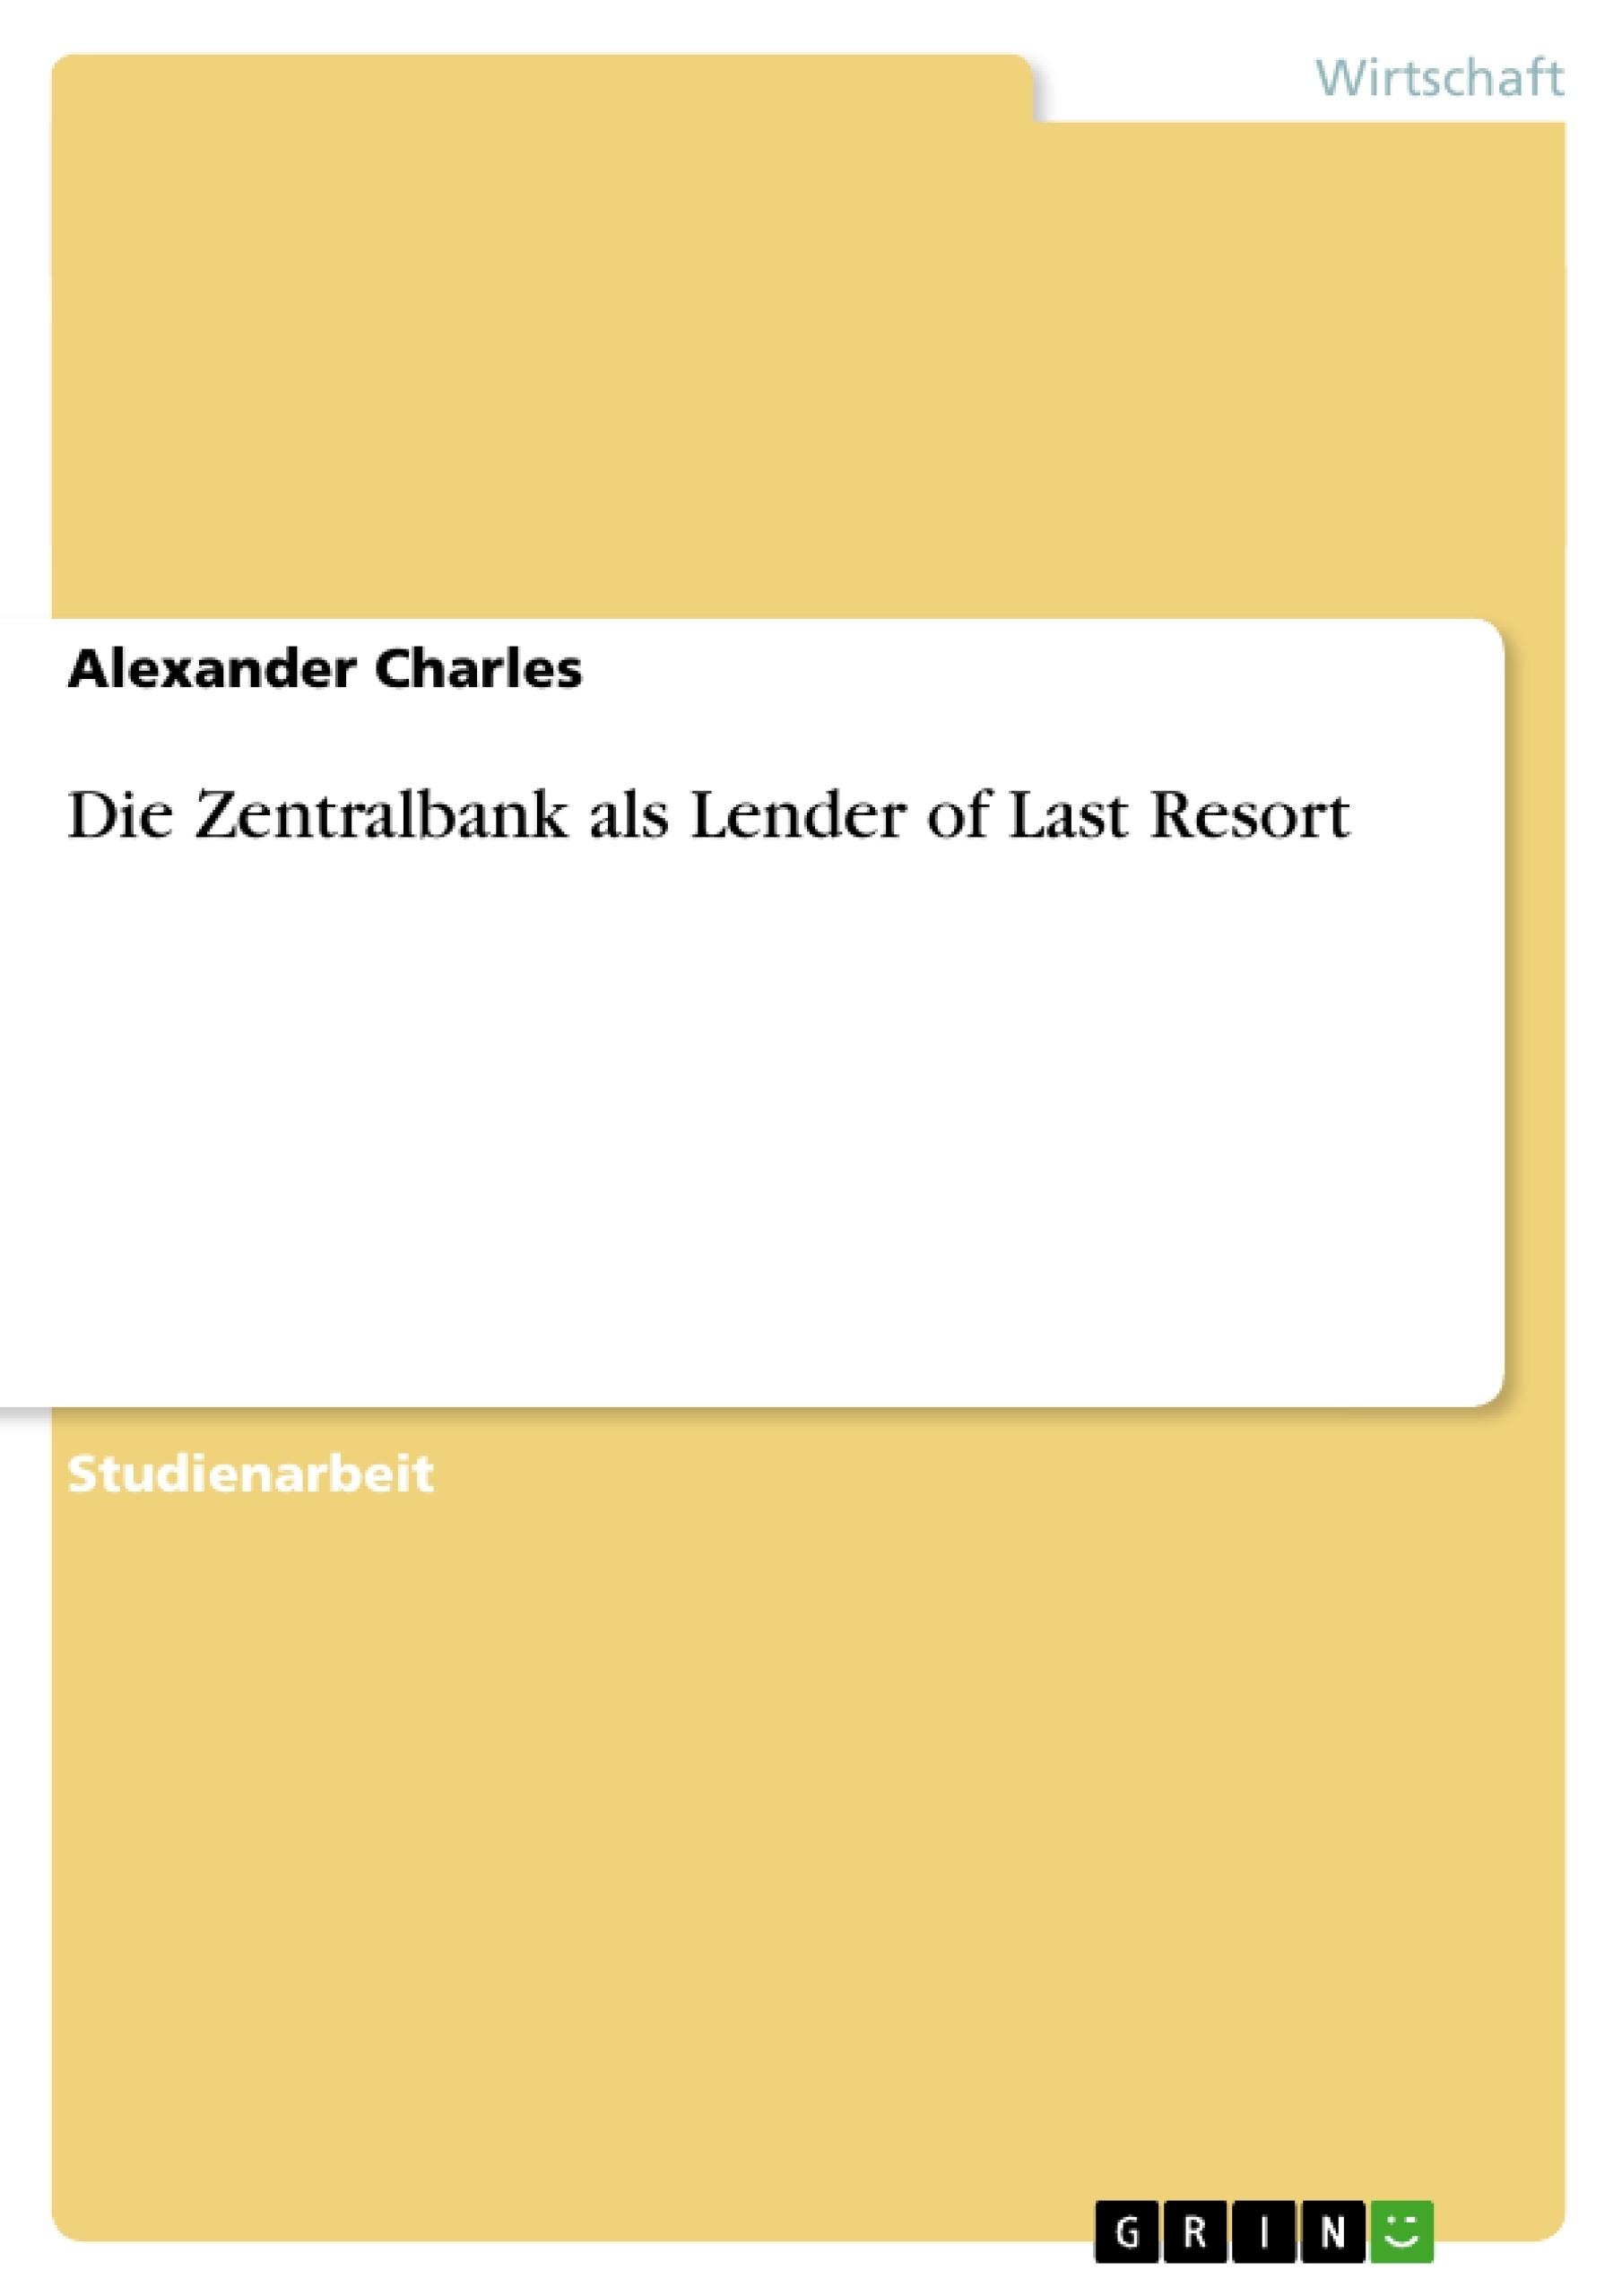 Titel: Die Zentralbank als Lender of Last Resort